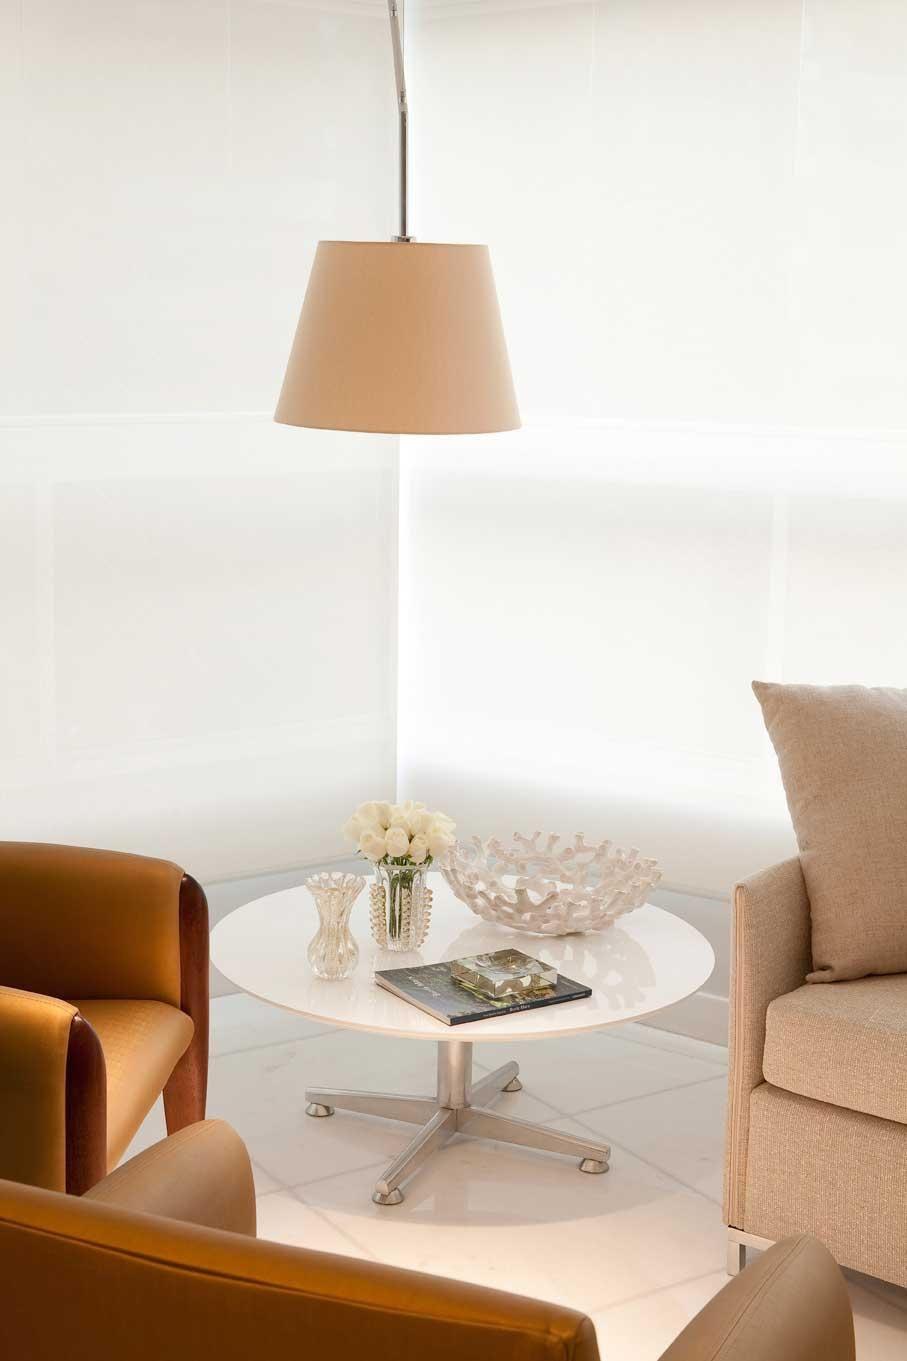 mesa de canto para sala - mesa de canto branca redonda e poltrona bege